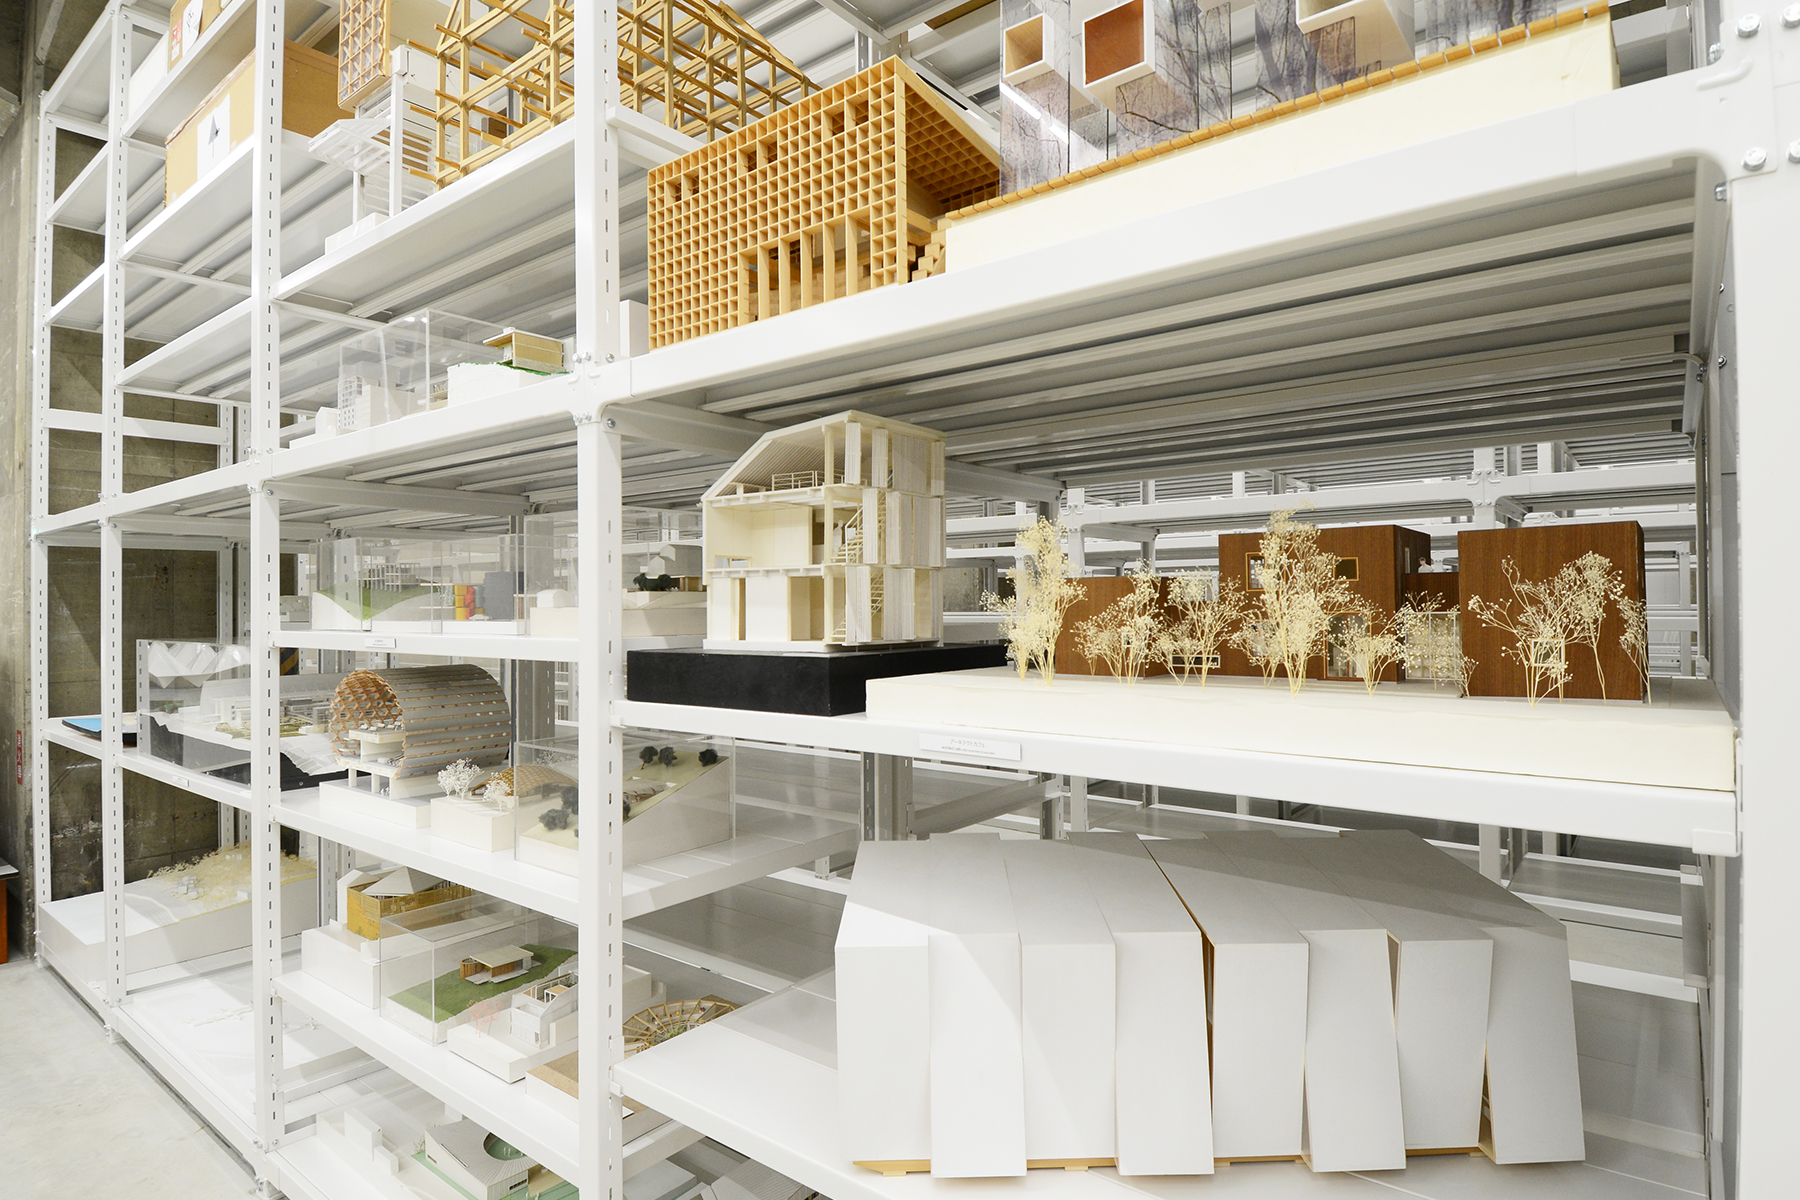 Музей моделей архитектуры: минималистический эстетический стиль